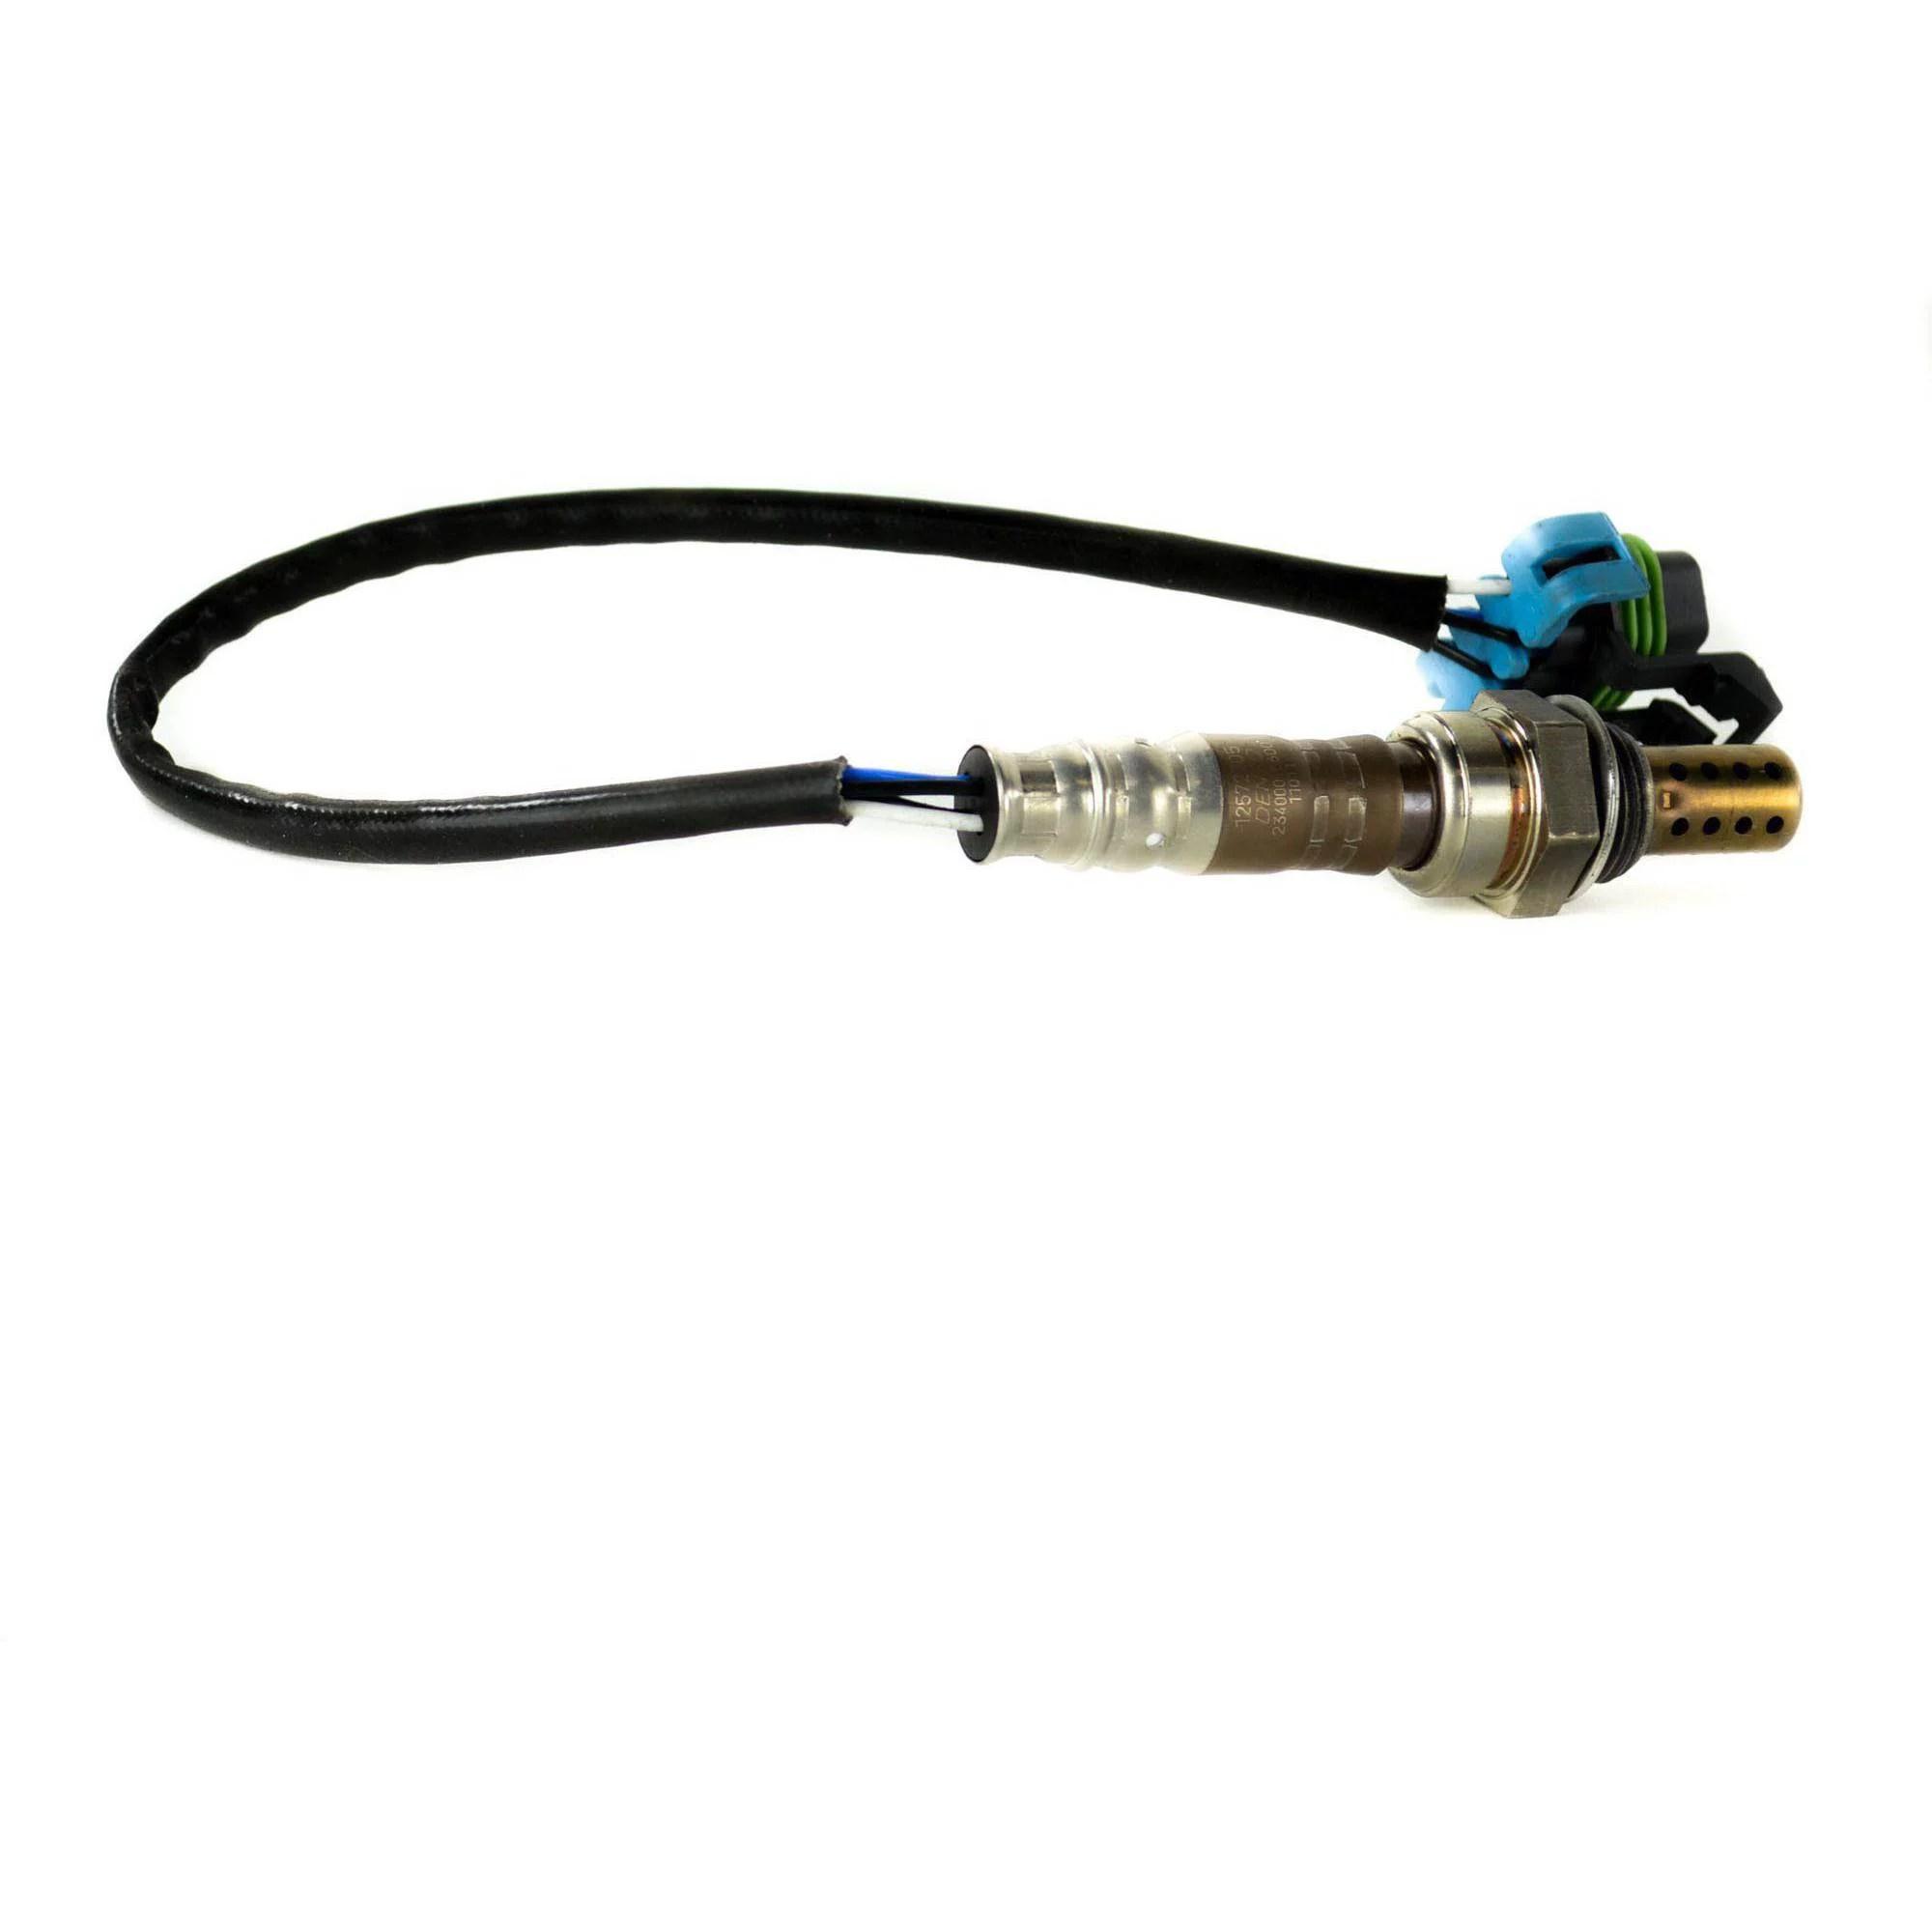 hight resolution of pontiac g6 o2 sensor wiring